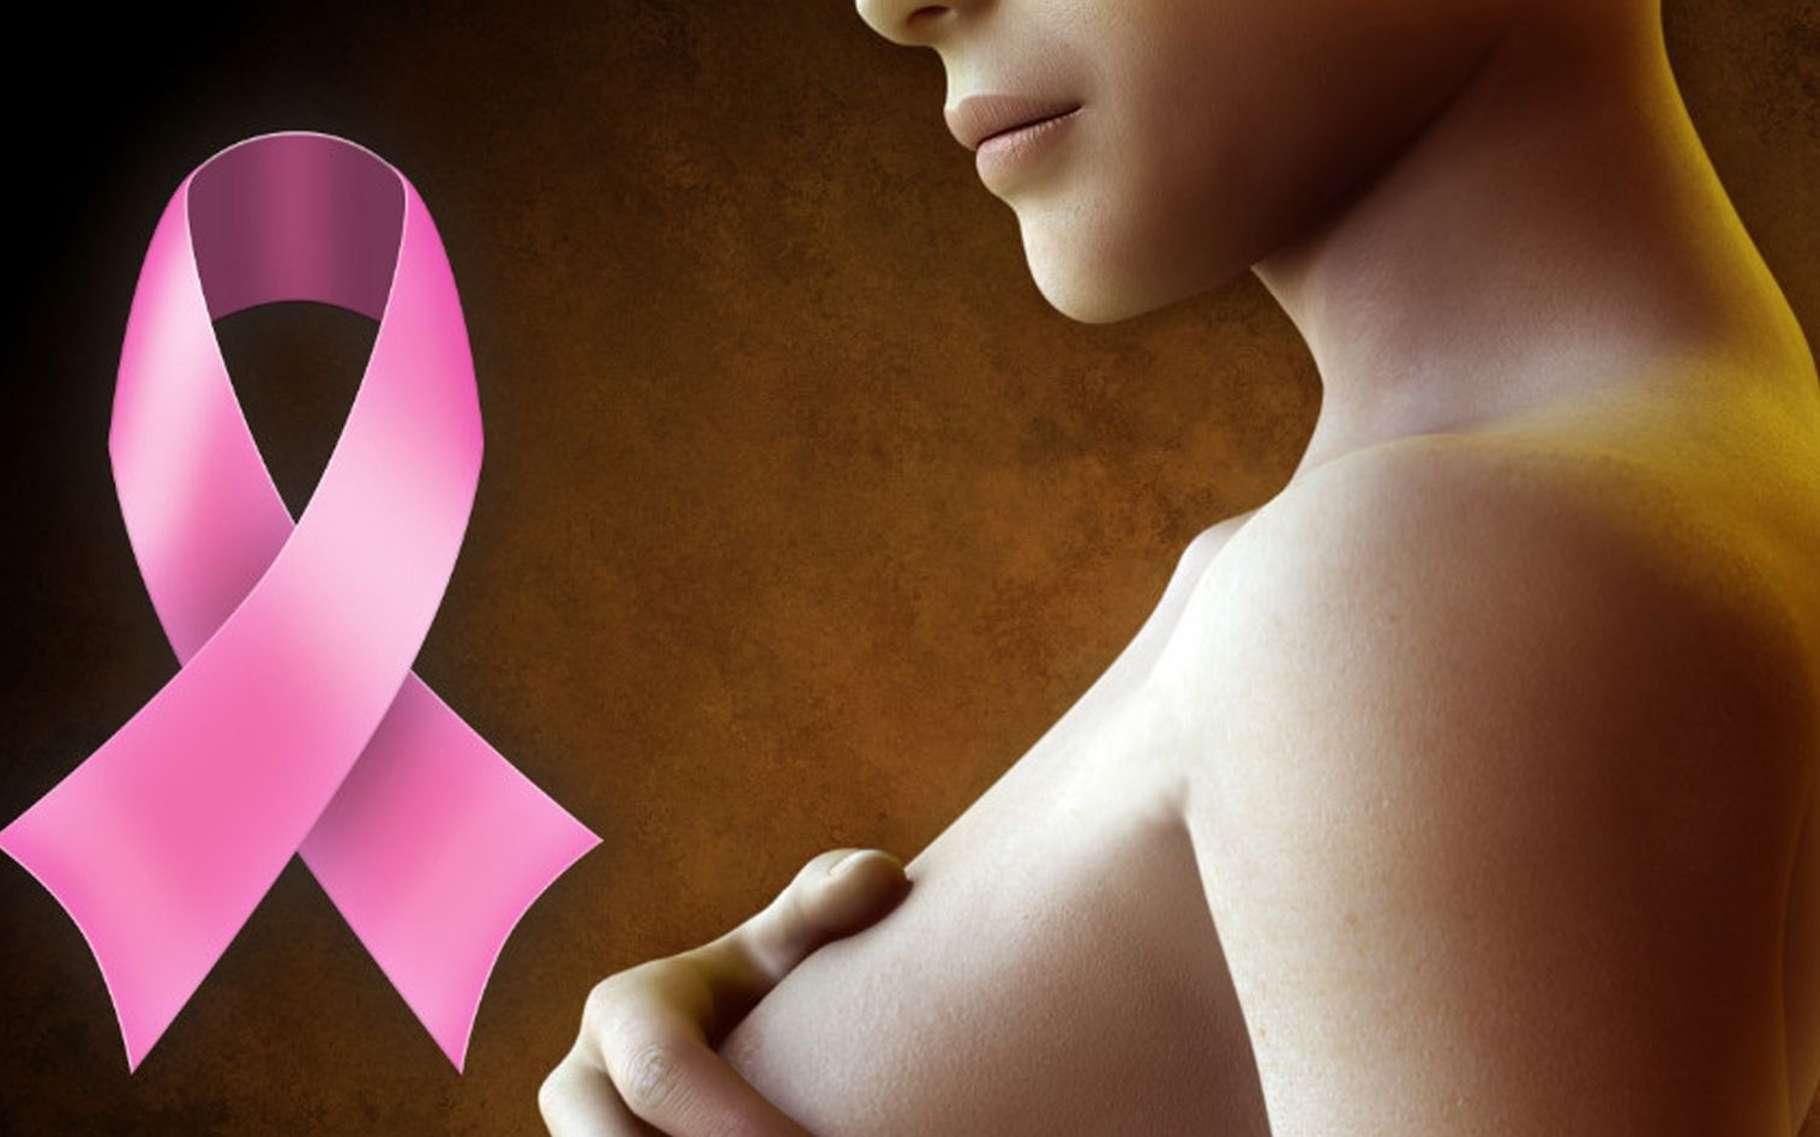 Le Palbociclib est un nouveau médicament oral efficace dans la lutte contre le cancer du sein. La petite molécule inhibitrice de deux protéines qui le compose a été autorisée aux États-Unis en 2015 et devrait l'être en France en 2016, étant donné les excellents résultats des études cliniques. © DR